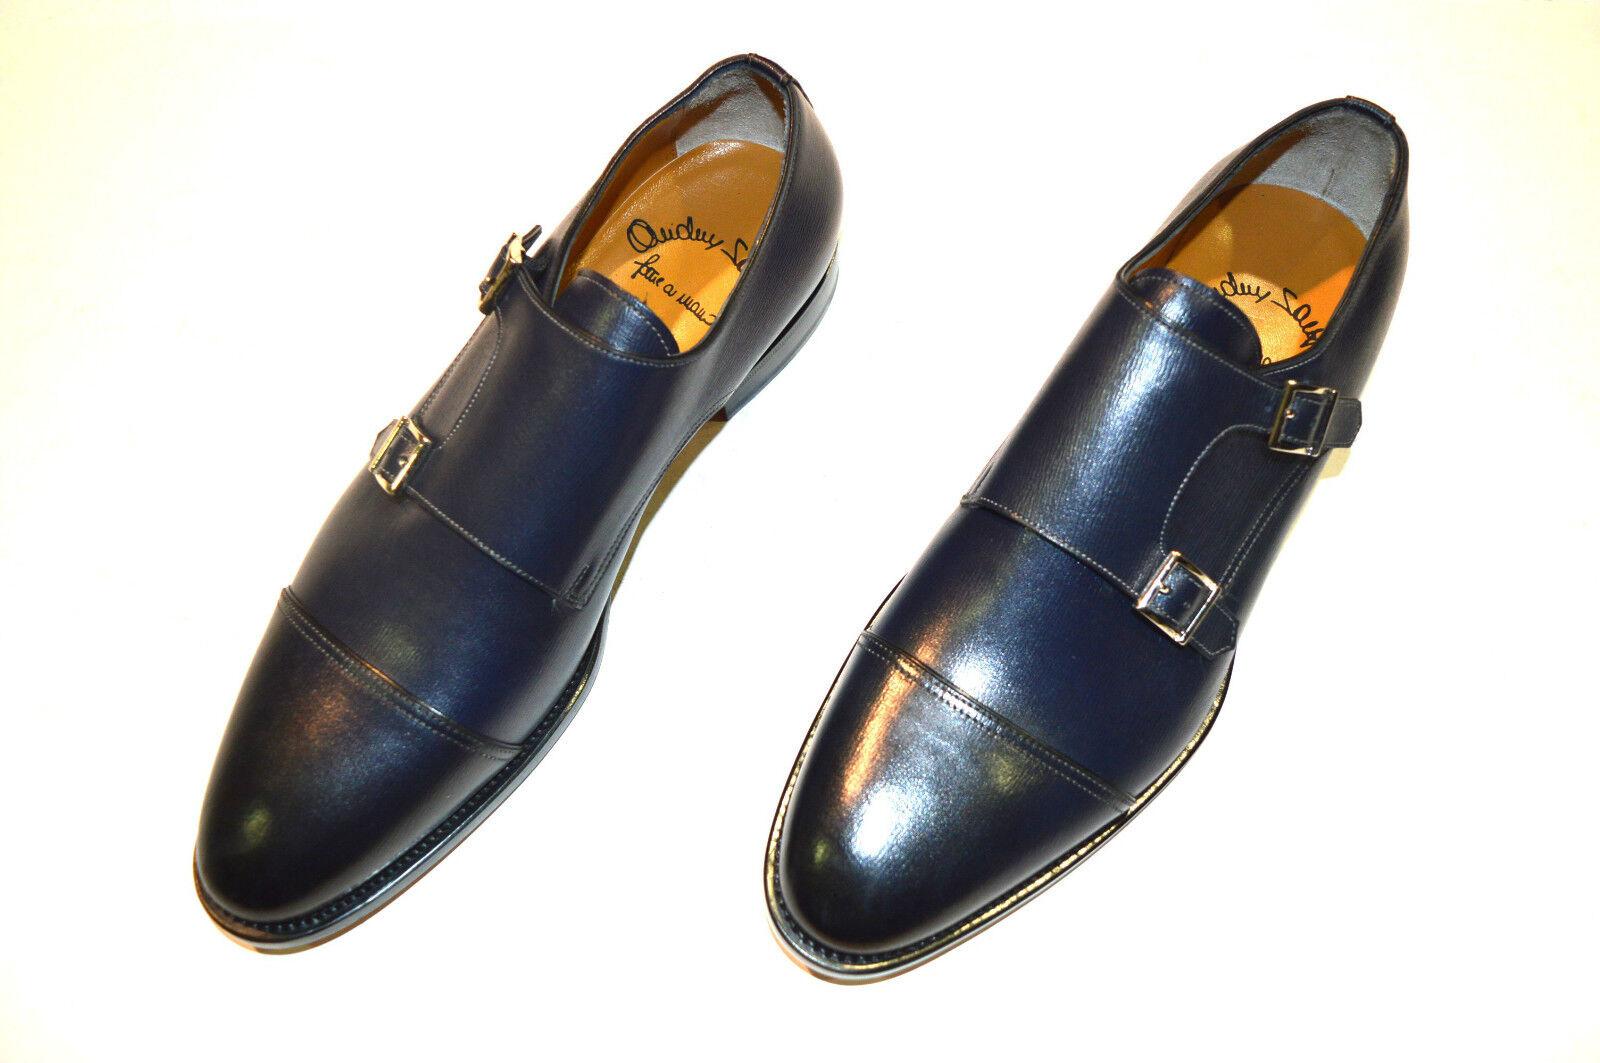 Nouvelle robe SANTONI Chaussures en cuir Moine Bracelet Taille EU 39.5 UK 5.5 US 6.5 (3R)